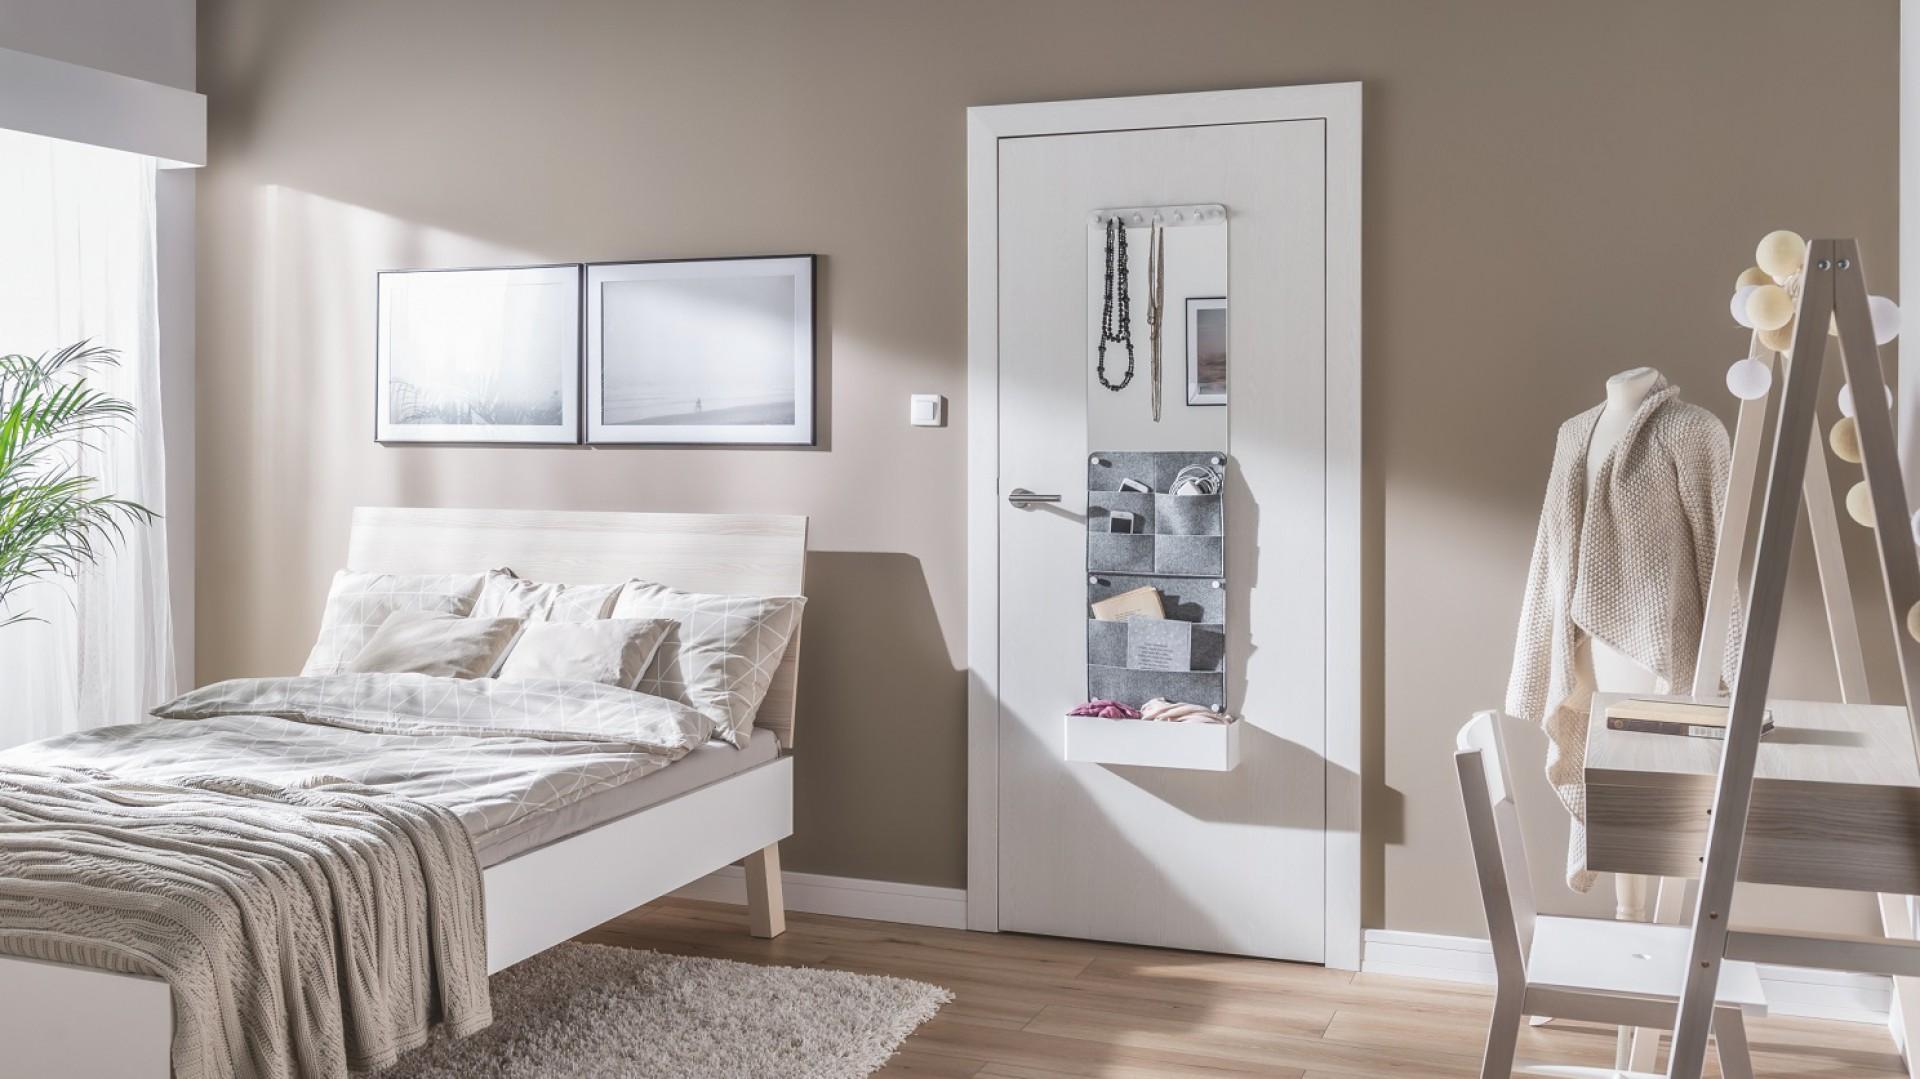 Drzwi w sypialni mogą pełnić również rolę podręcznej toaletki z lustrem. Fot. Vox